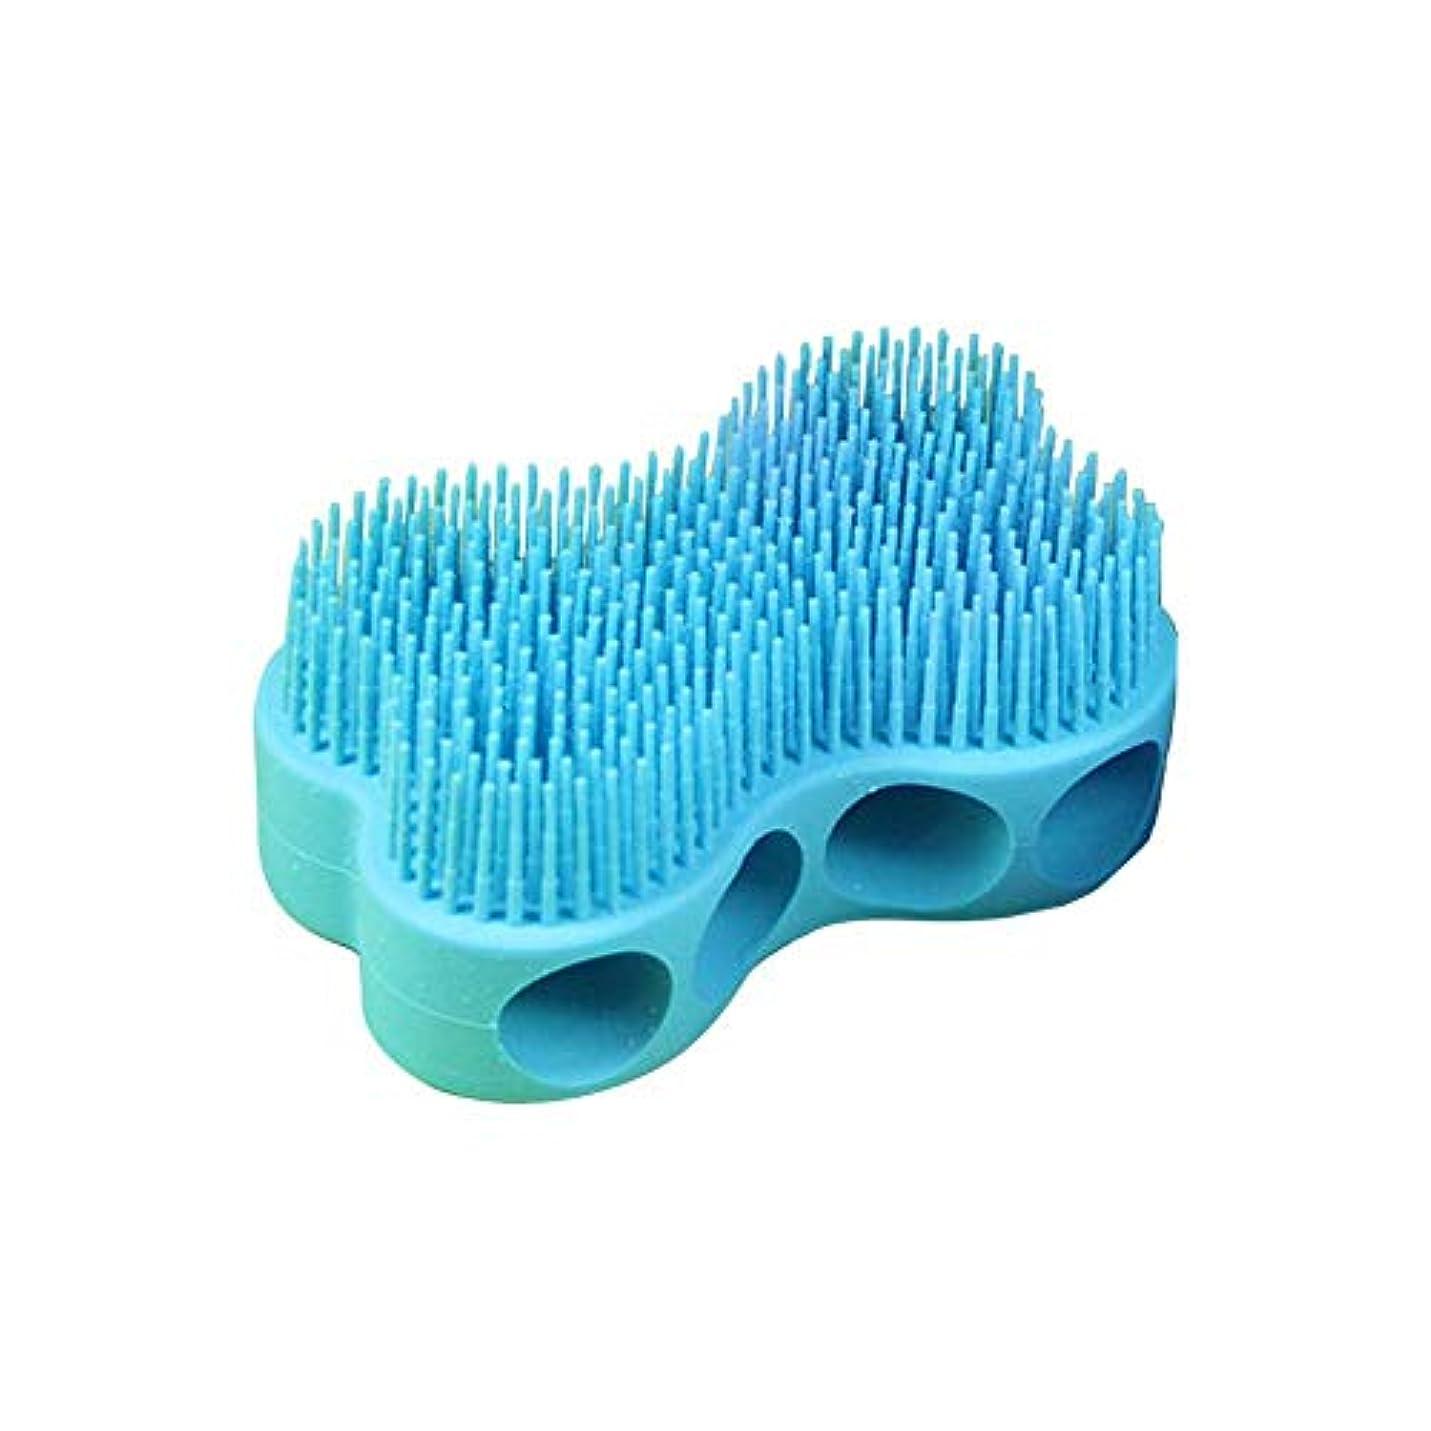 食用器官保証ボディブラシ マッサージブラシ シリコーン製 柔らかい 快適 角質除去 全身マッサージ 血行促進 疲れ解消 ブルー junexi